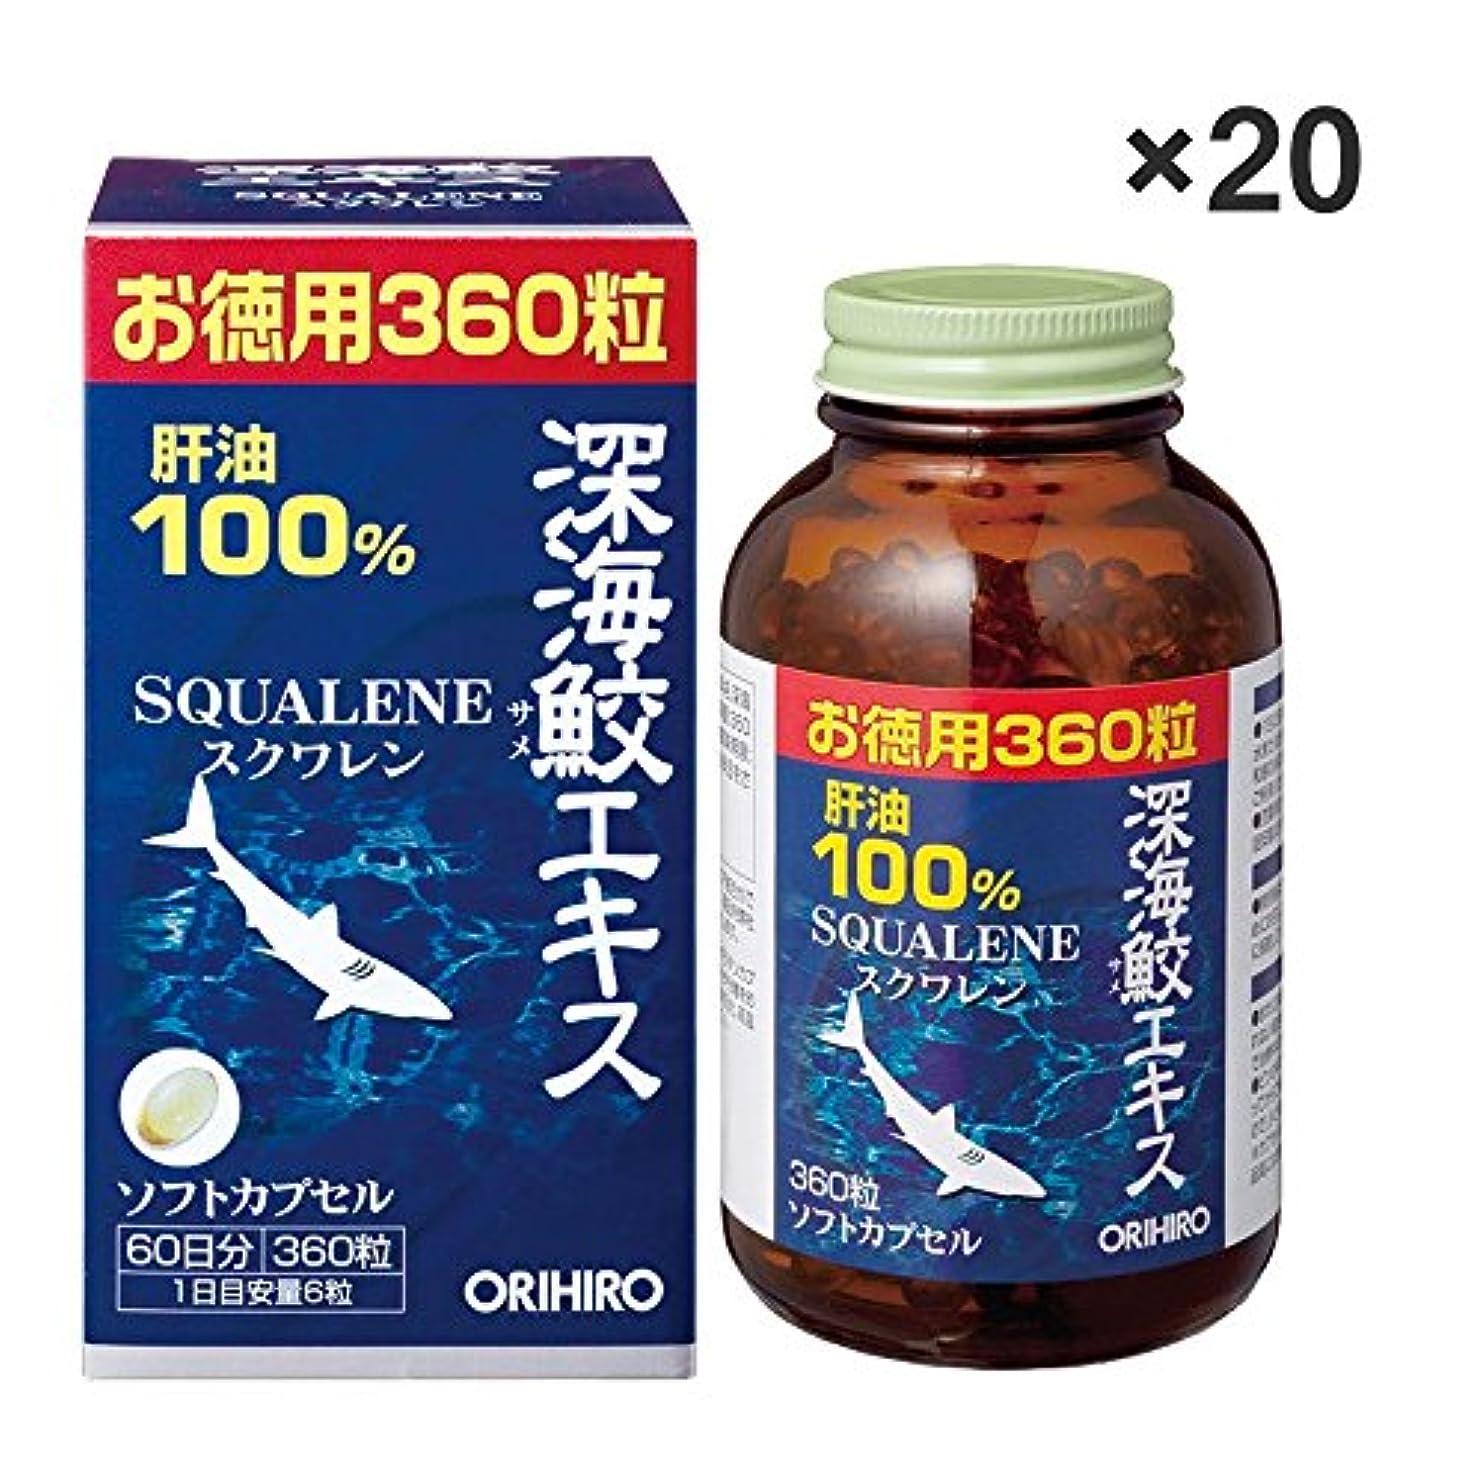 吹雪バウンドオーナー【20点セット】オリヒロ 深海鮫エキスカプセル徳用 360粒